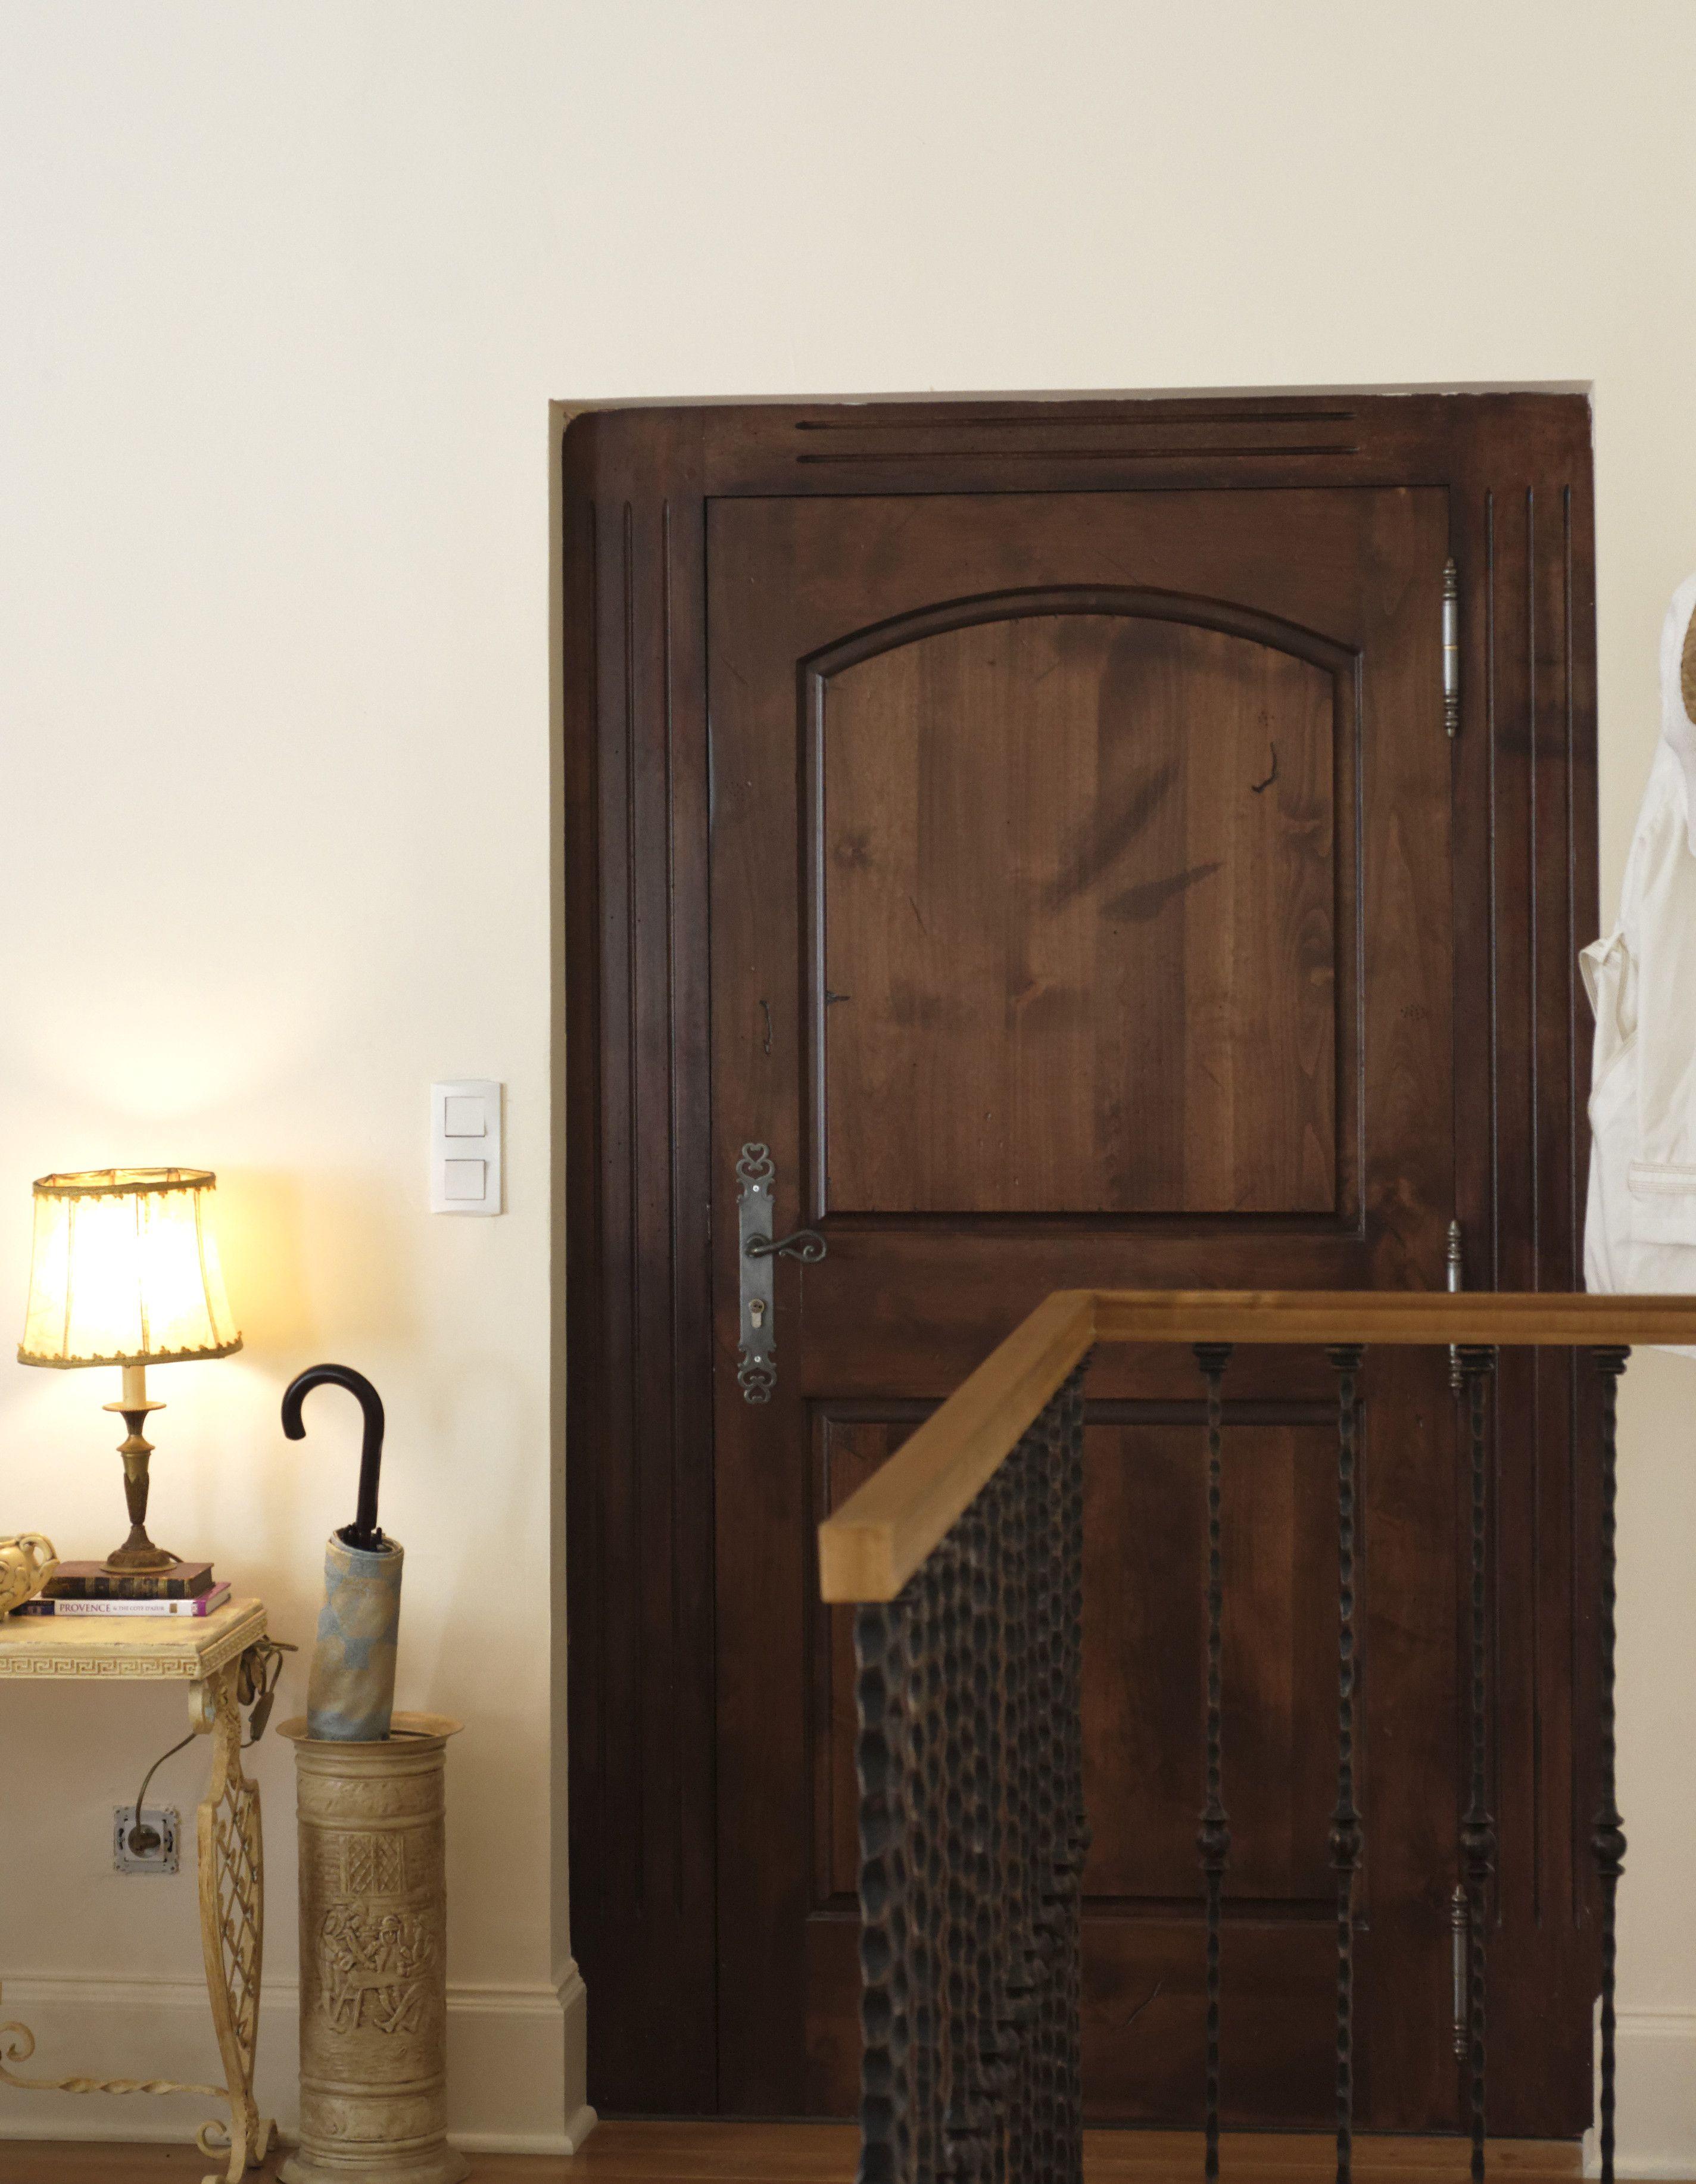 Country interior doors photo door design pinterest country country interior doors photo rubansaba